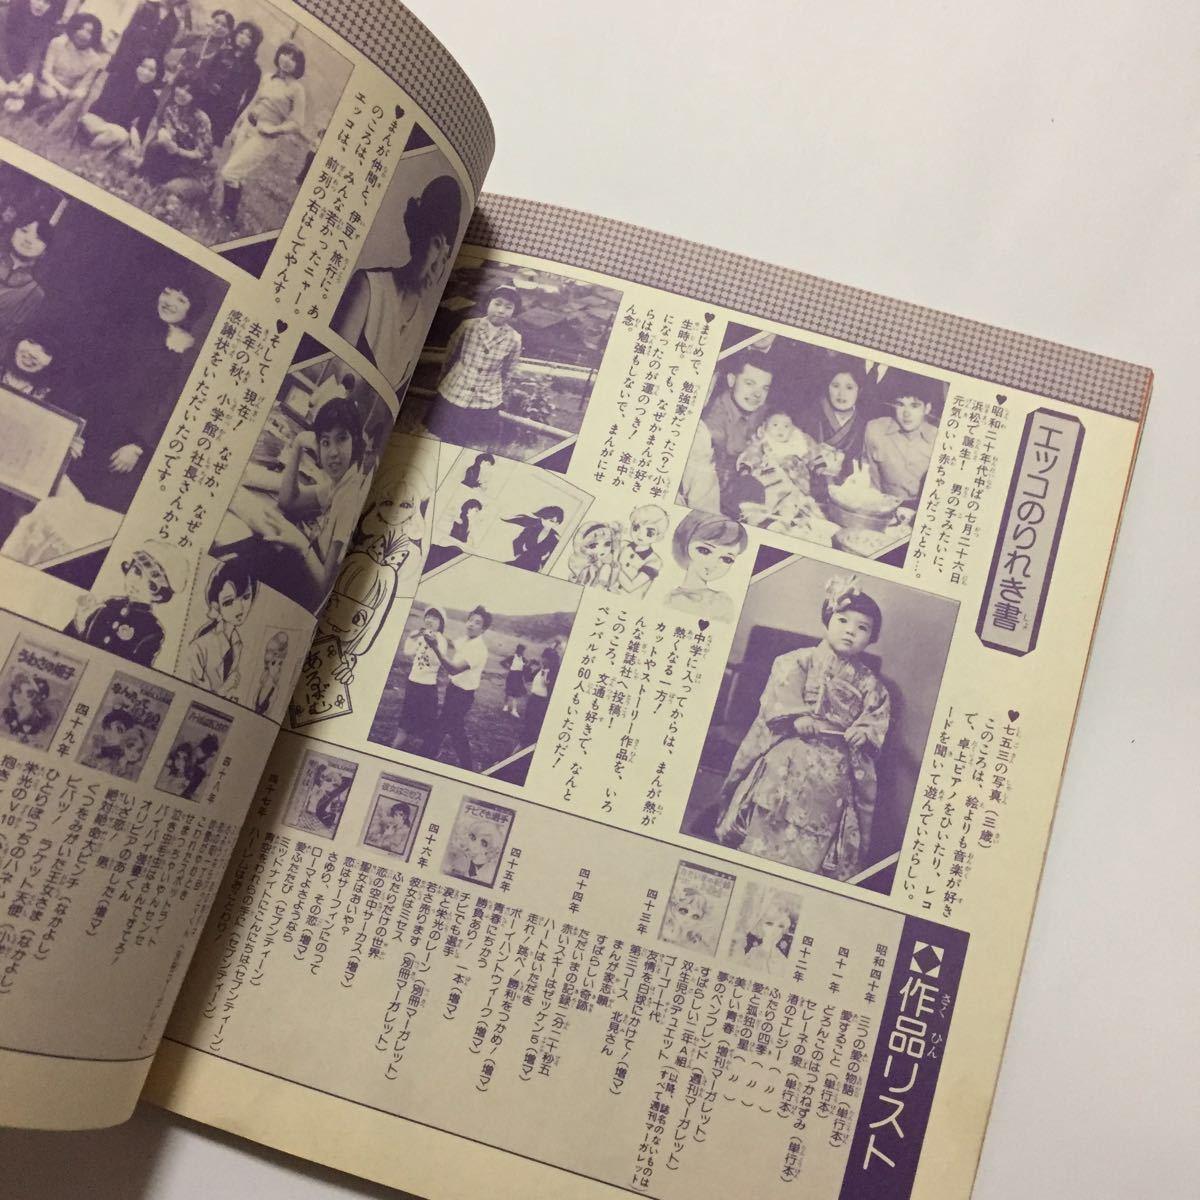 初版 うわさの姫子 愛のメモリー イラスト集 藤原栄子_画像10